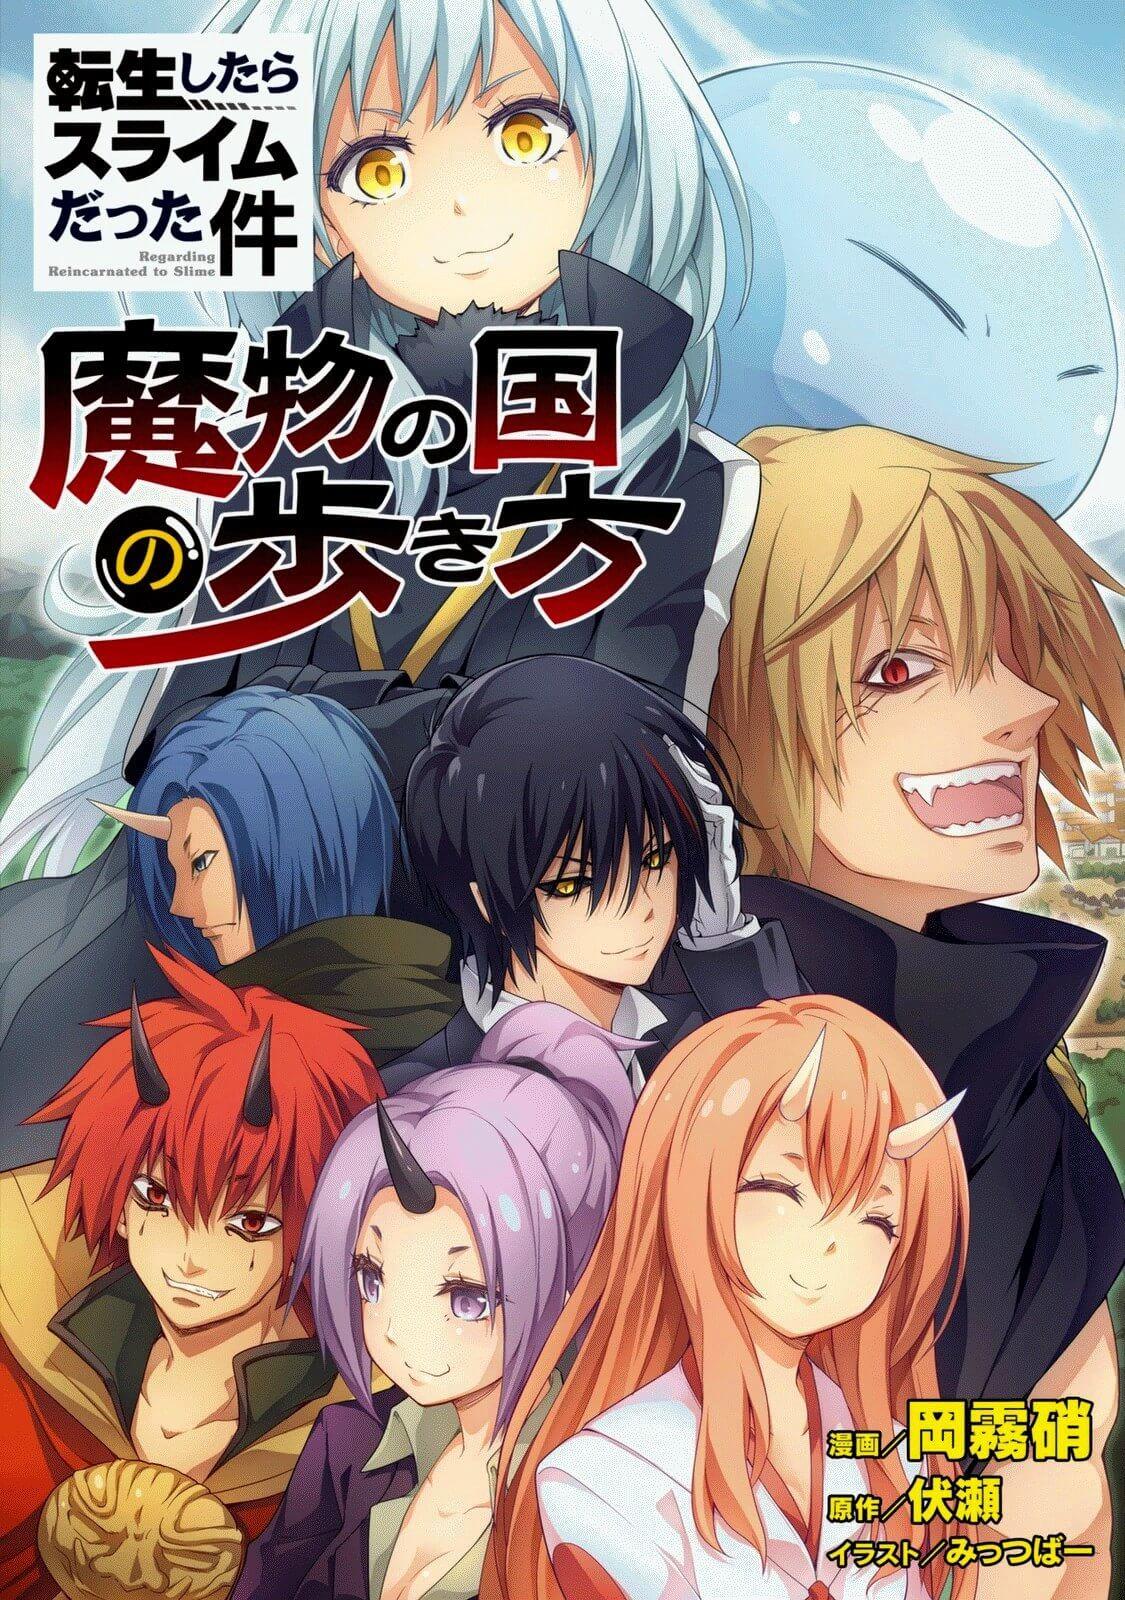 Descargar manga de Tensei Shitara Slime Datta Ken: Mabutsu no Kuni no Arukikata completo en español